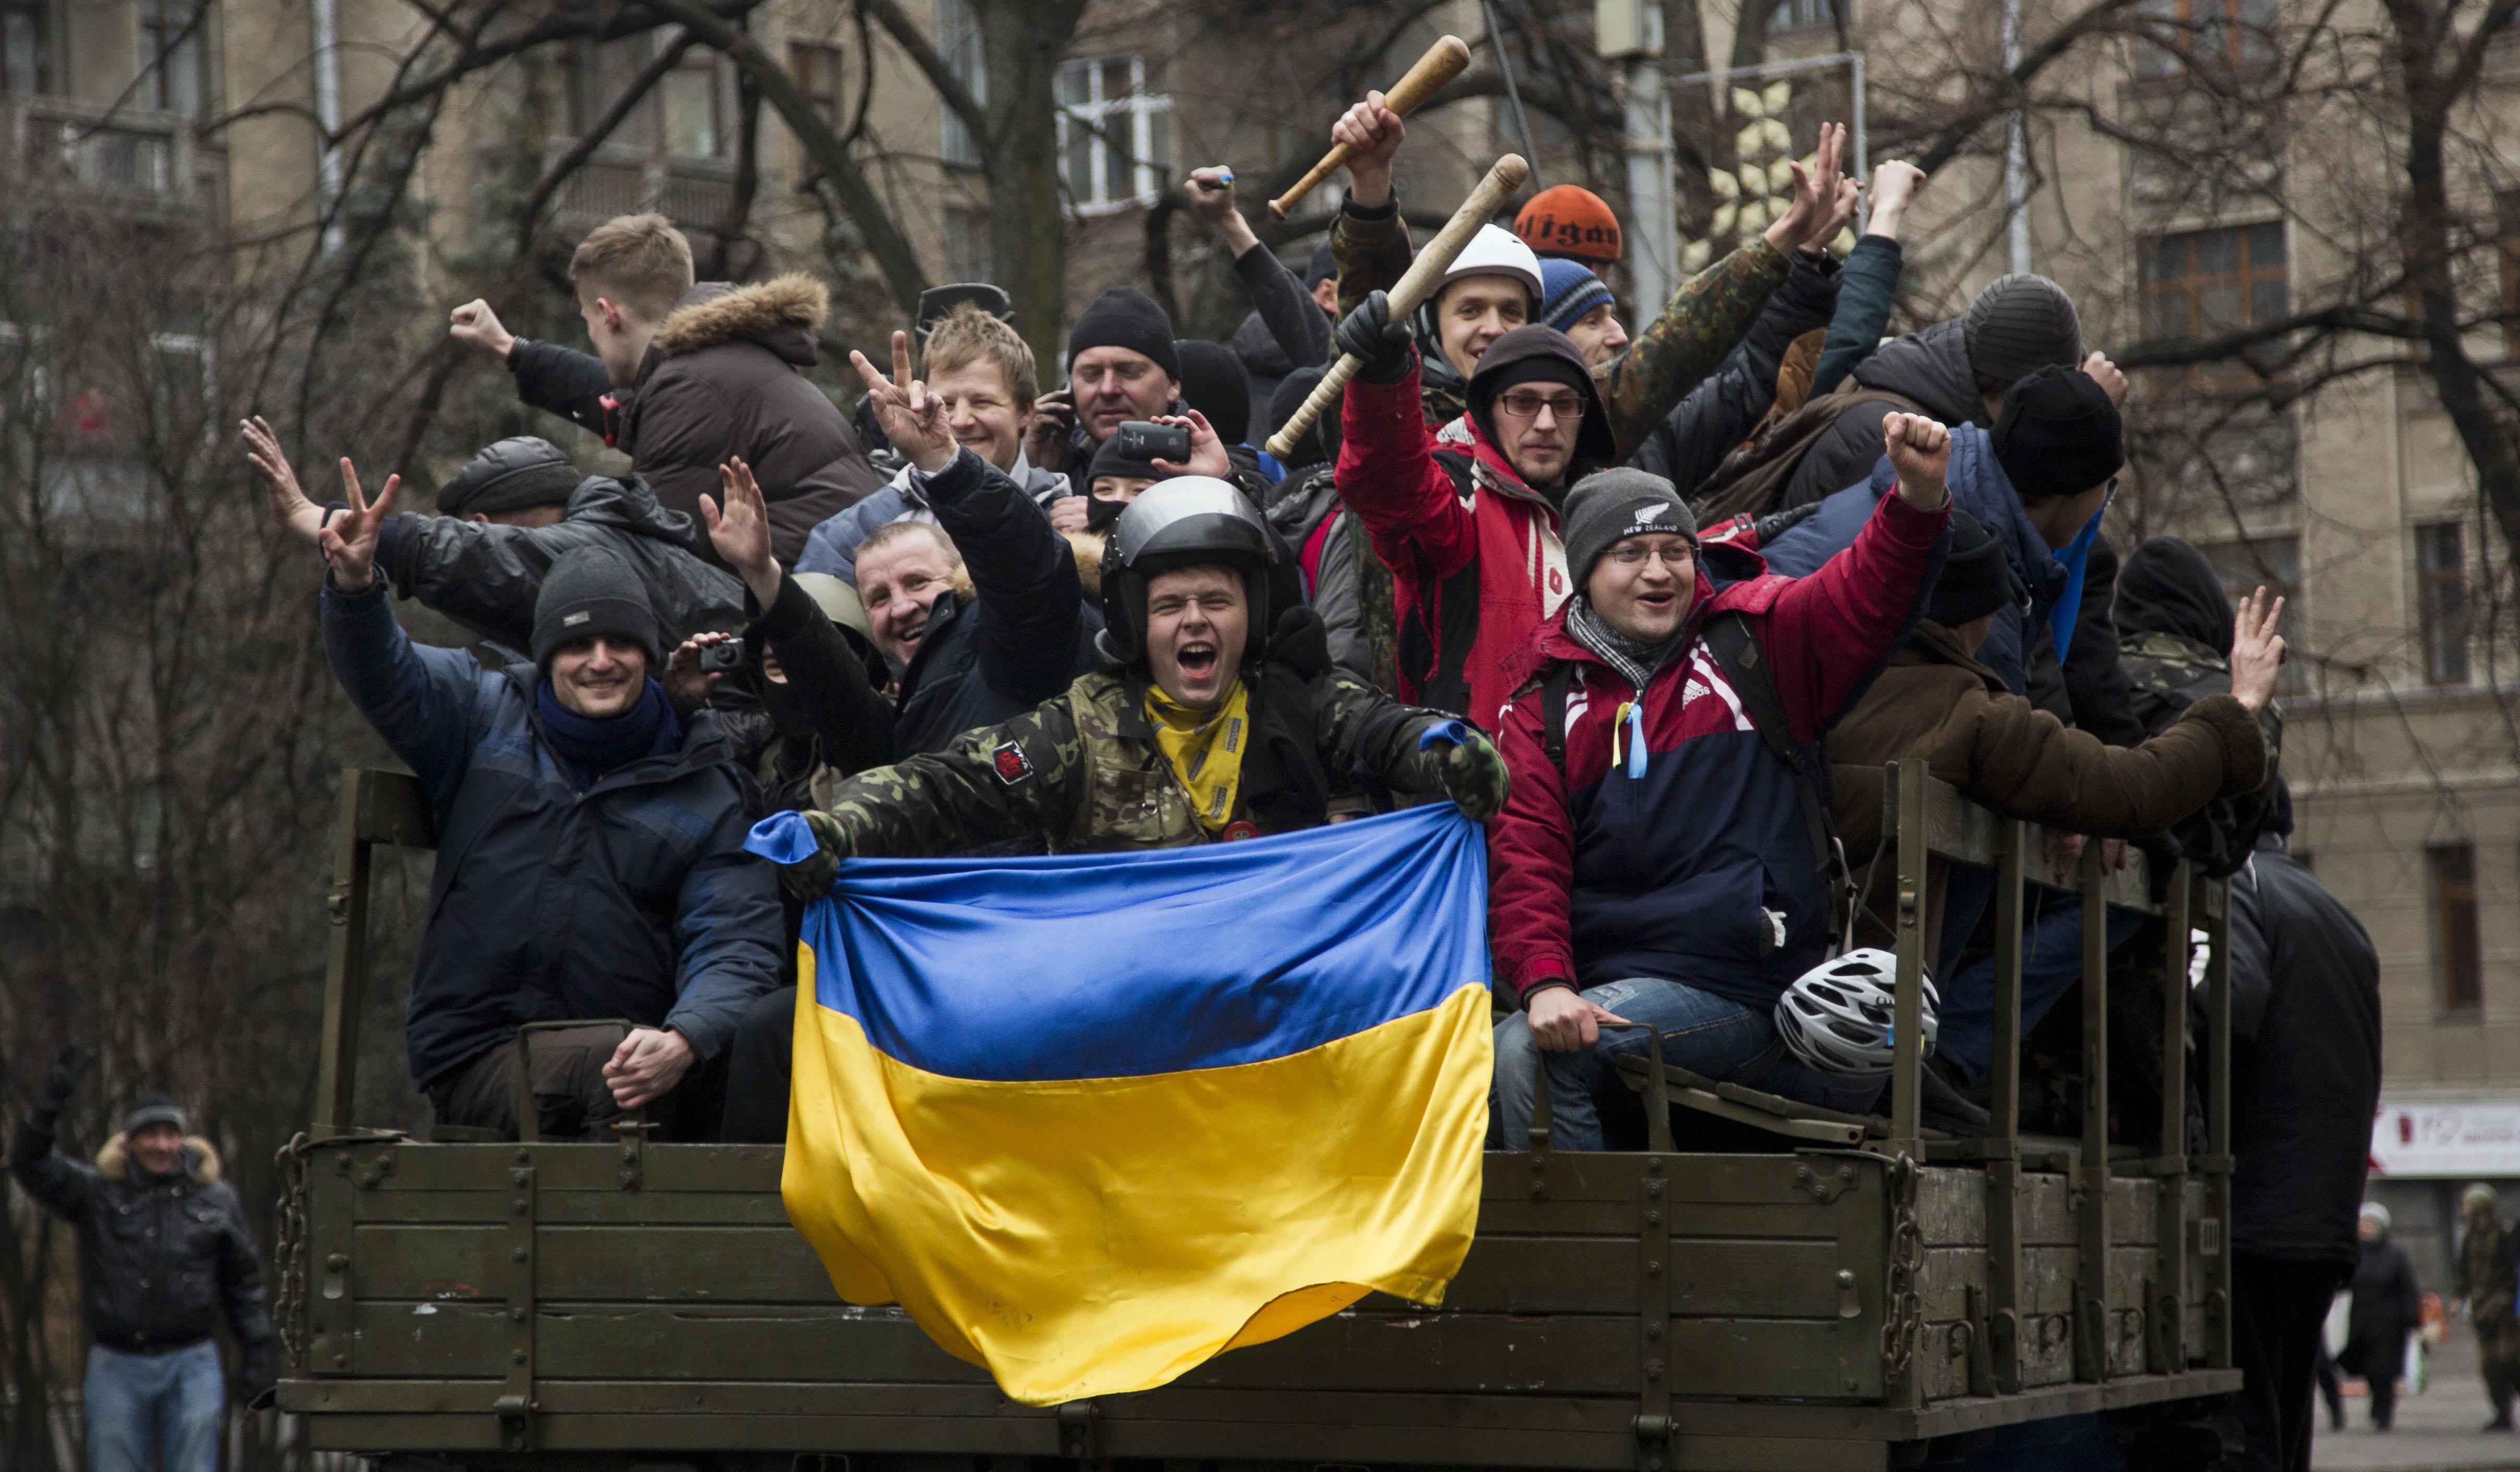 На Украине первый раз за 30 лет сказали правду о том, как Украина в составе СССР жила за счет России. Не поздно ли прозрели?